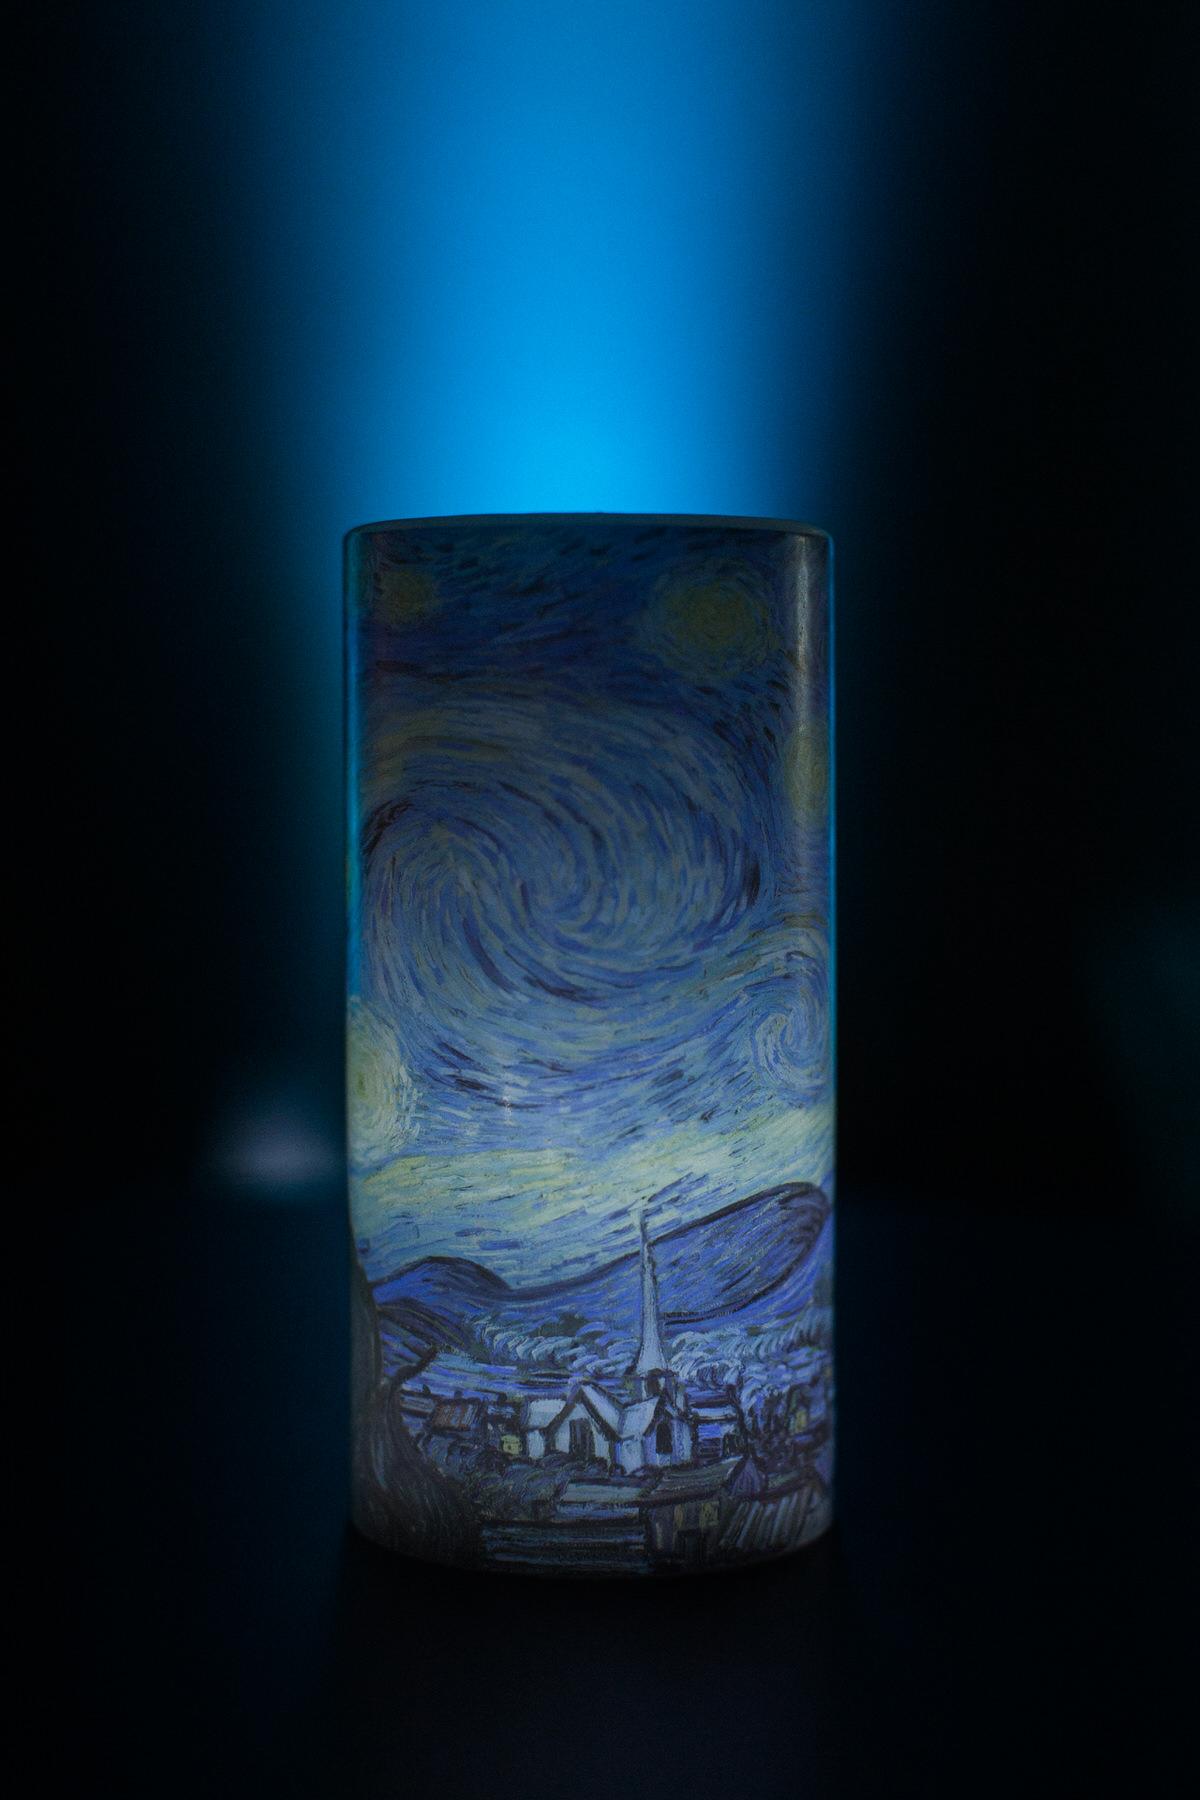 Van-Gogh-Exhibit-Wisconsin-Center-Milwaukee-by-Studio-L-Artist-Photographer-Laura-Schneider-_9824